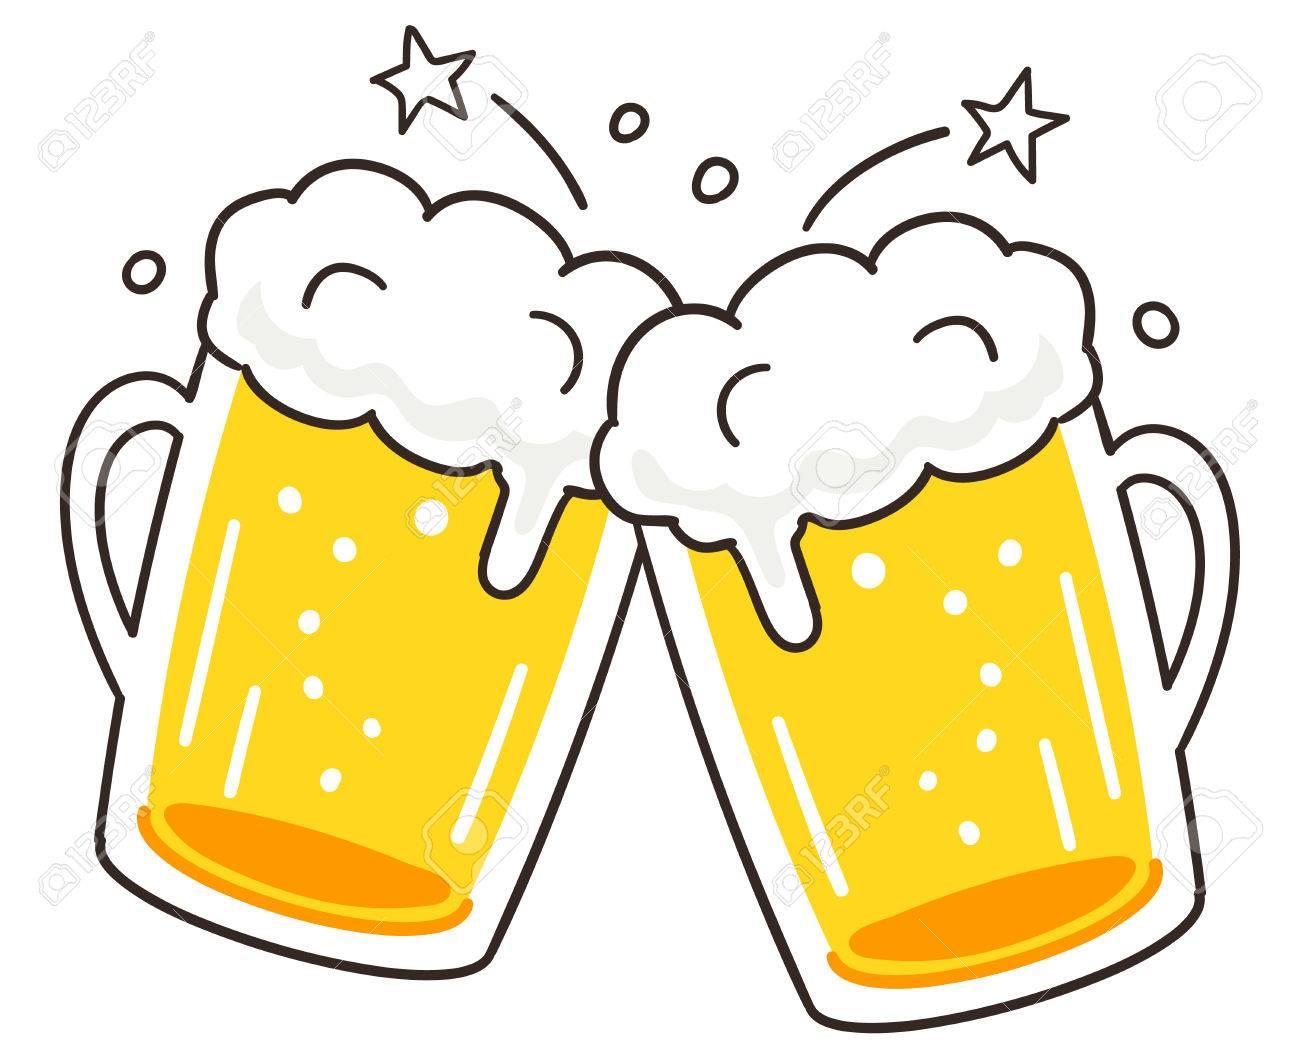 Cheers beer - 80392742